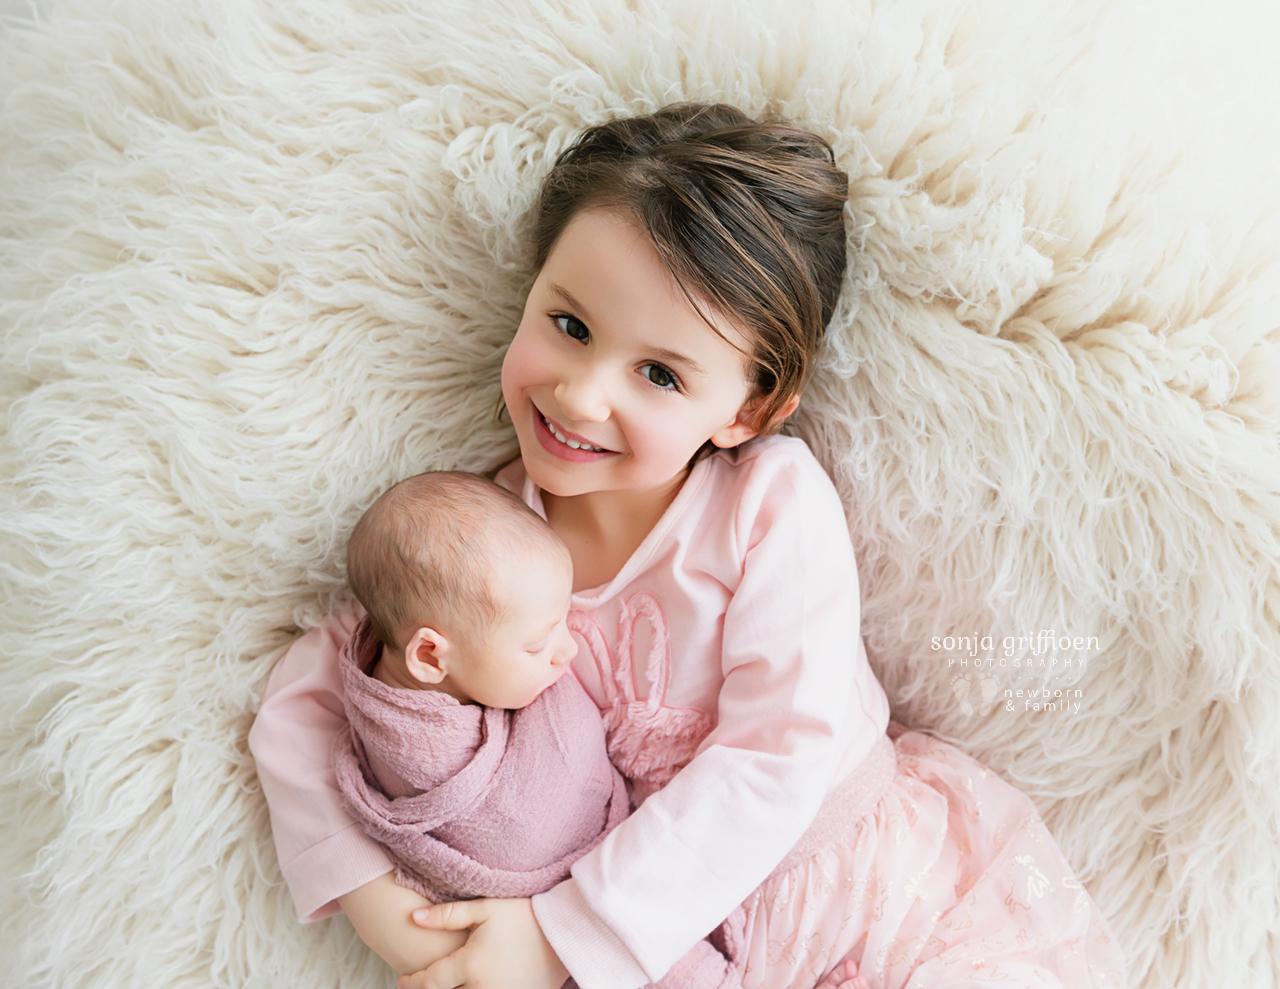 Katie-Newborn-Brisbane-Newborn-Photographer-Sonja-Griffioen-02.jpg